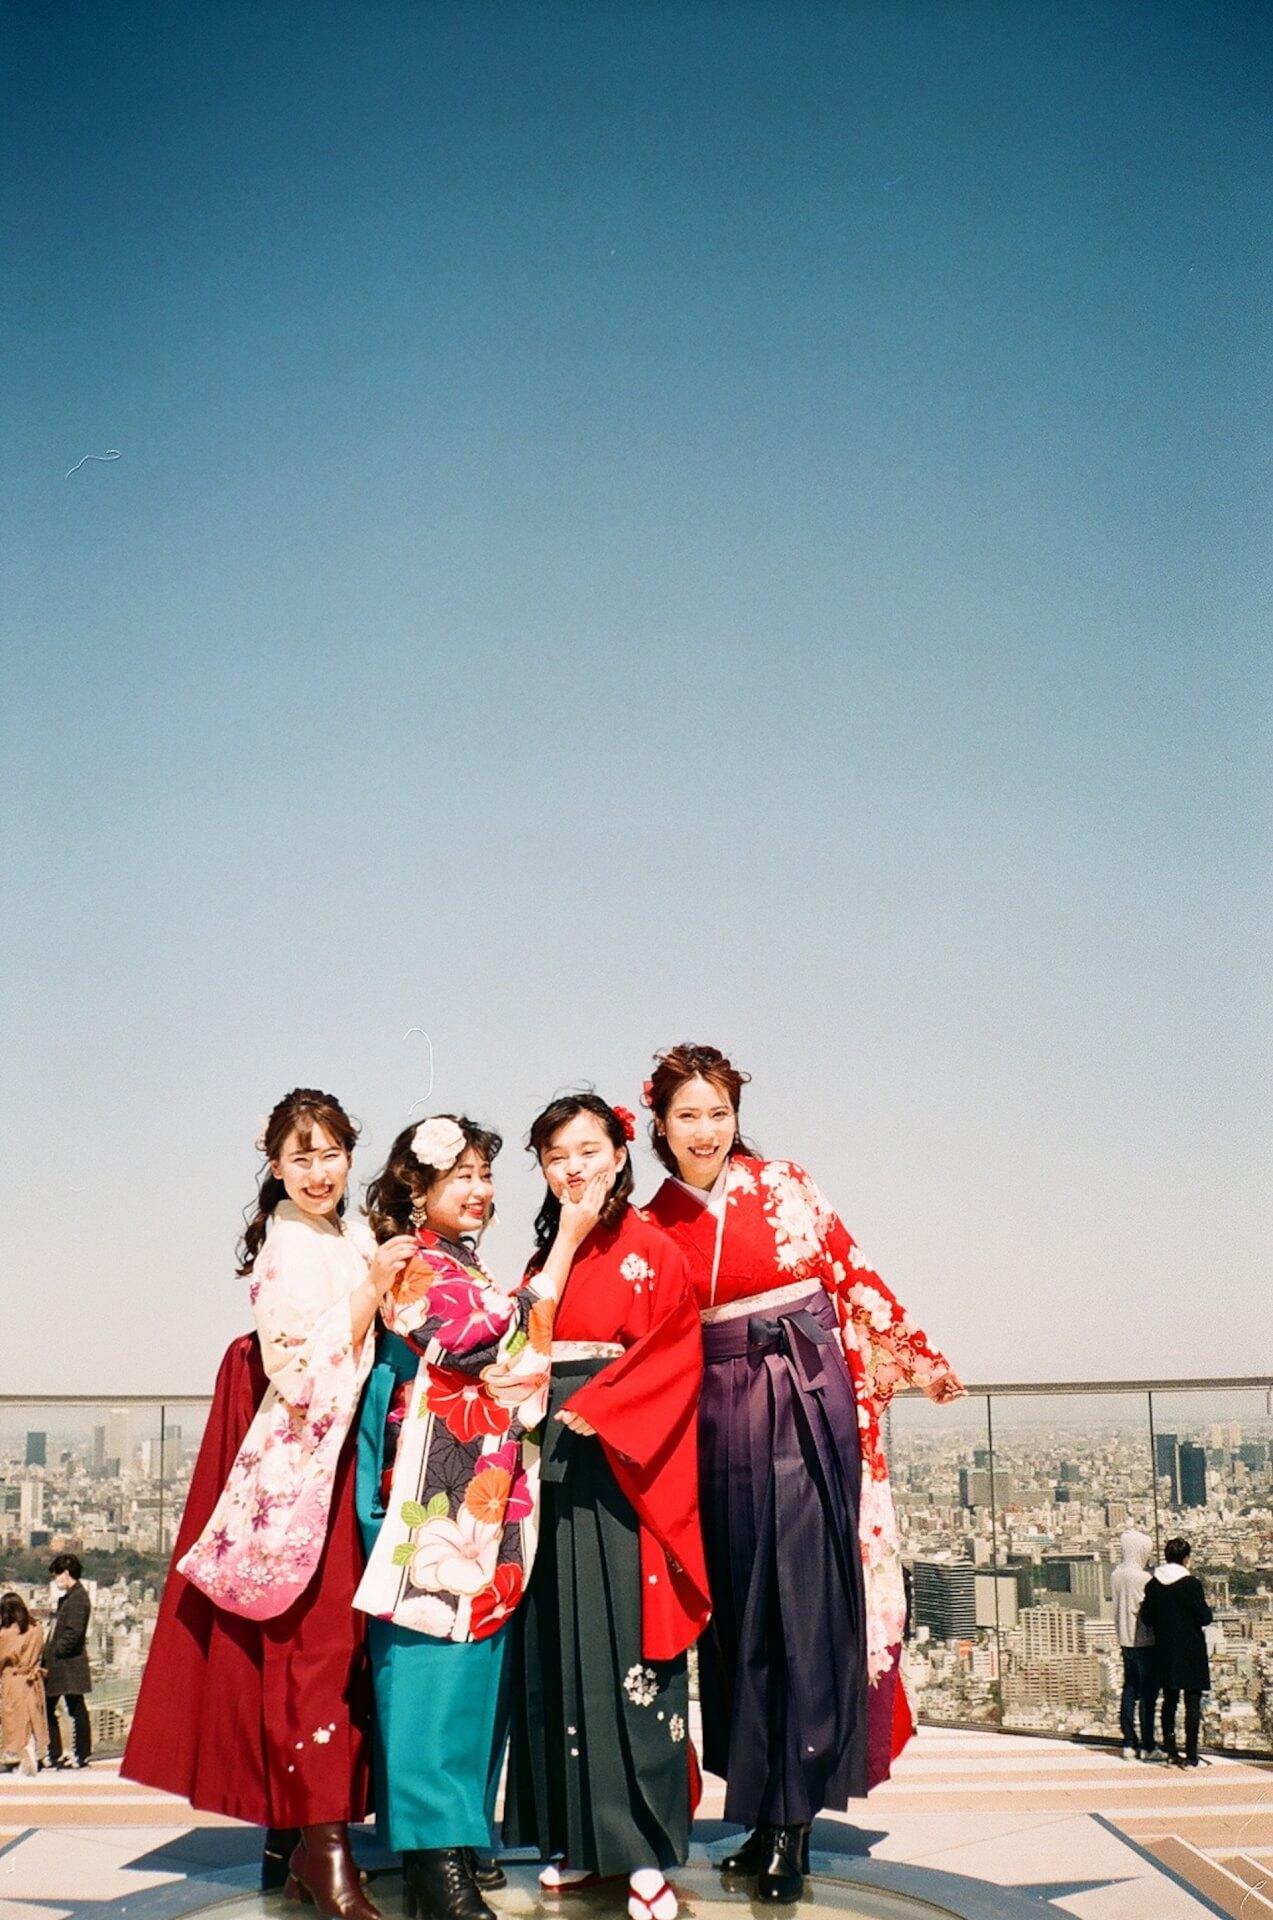 はなむけしゃしん - ぶるじょあ会「渋谷は日本のTOKYO」 art200415_hanamukeshashin5_46